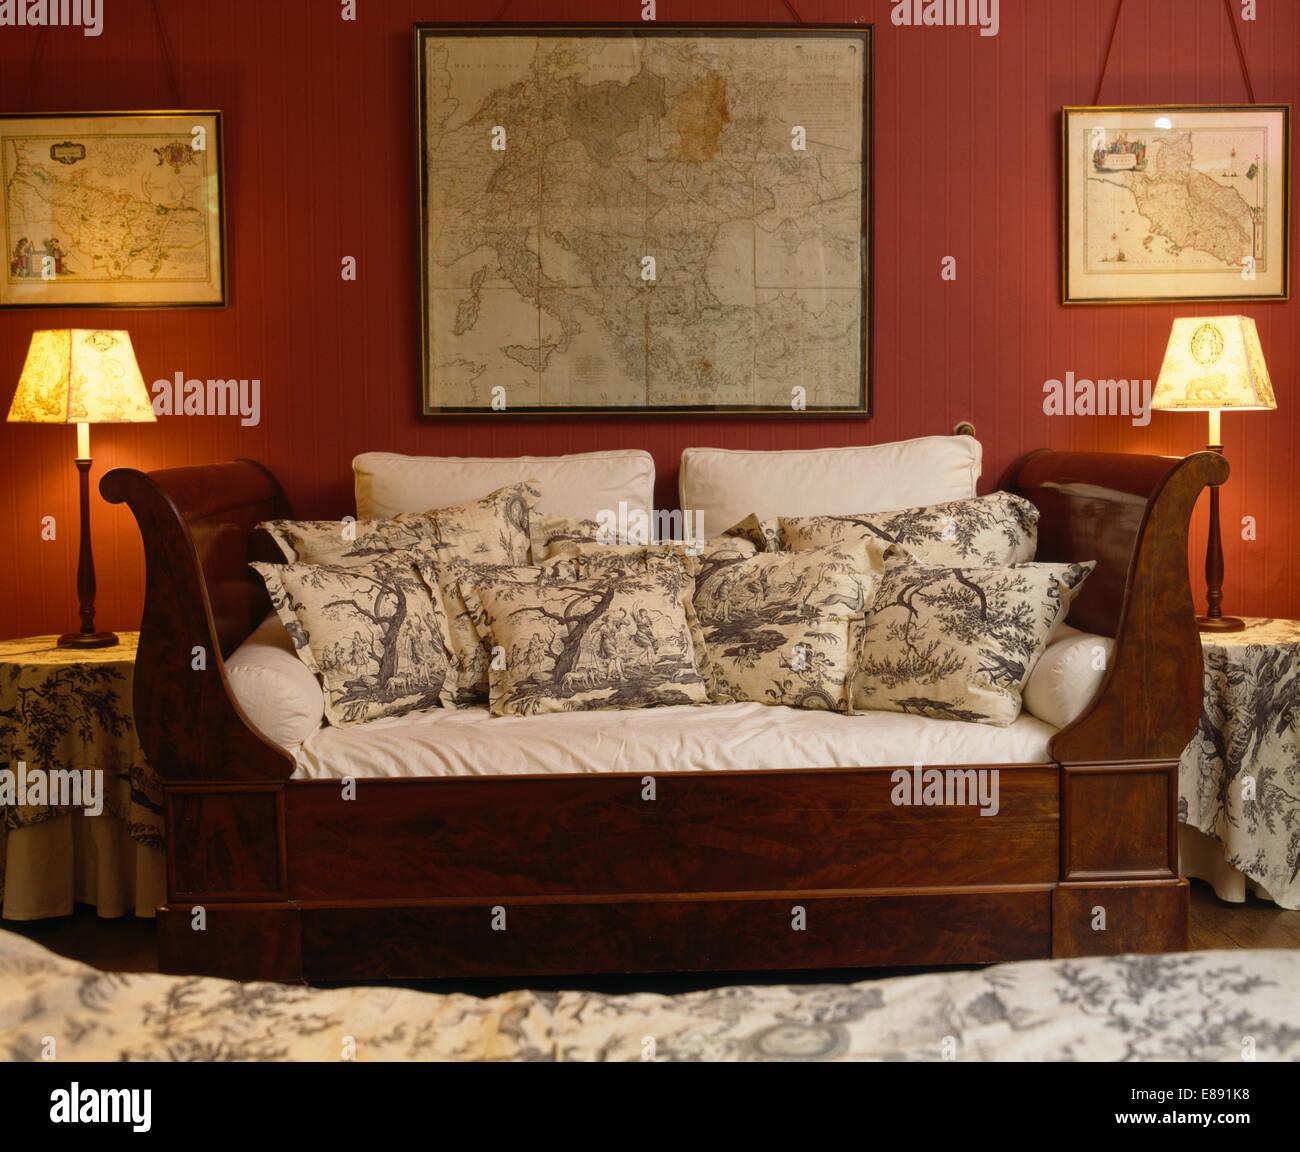 Karten An Der Wand Uber Antike Sofa Mit Kissen In Rot Franzosischen